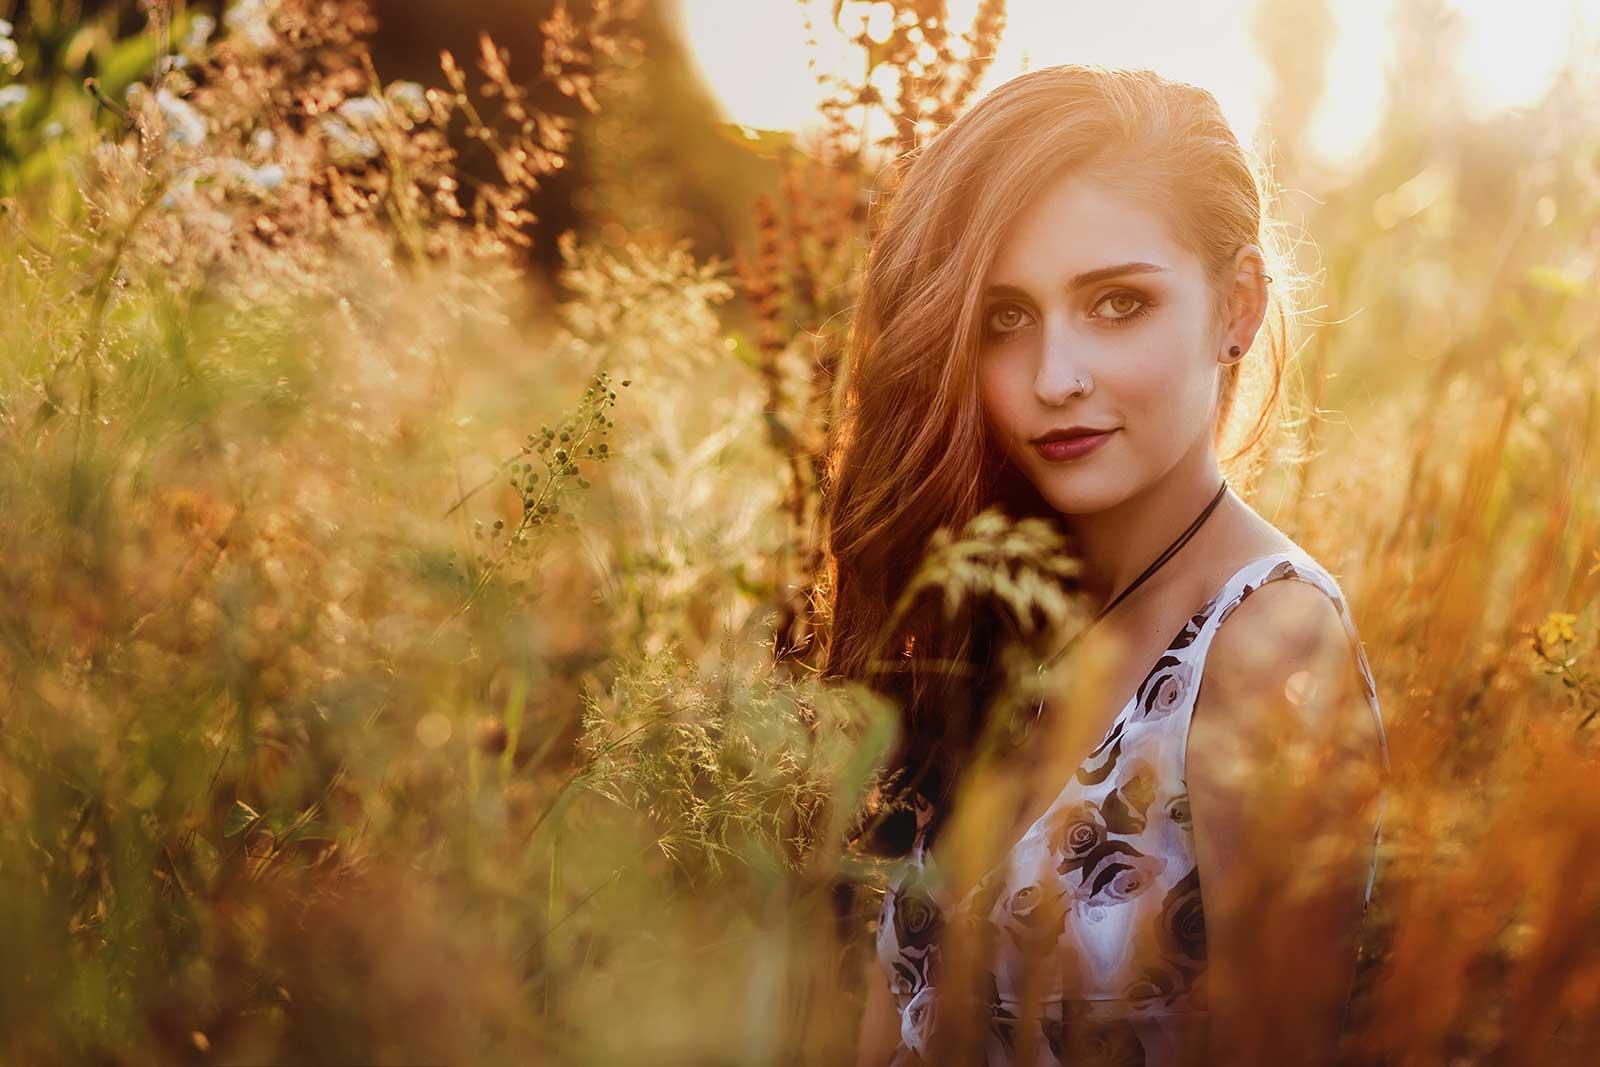 Outdoor Fotoshooting – Preise und Outdoorfotografie Tipps